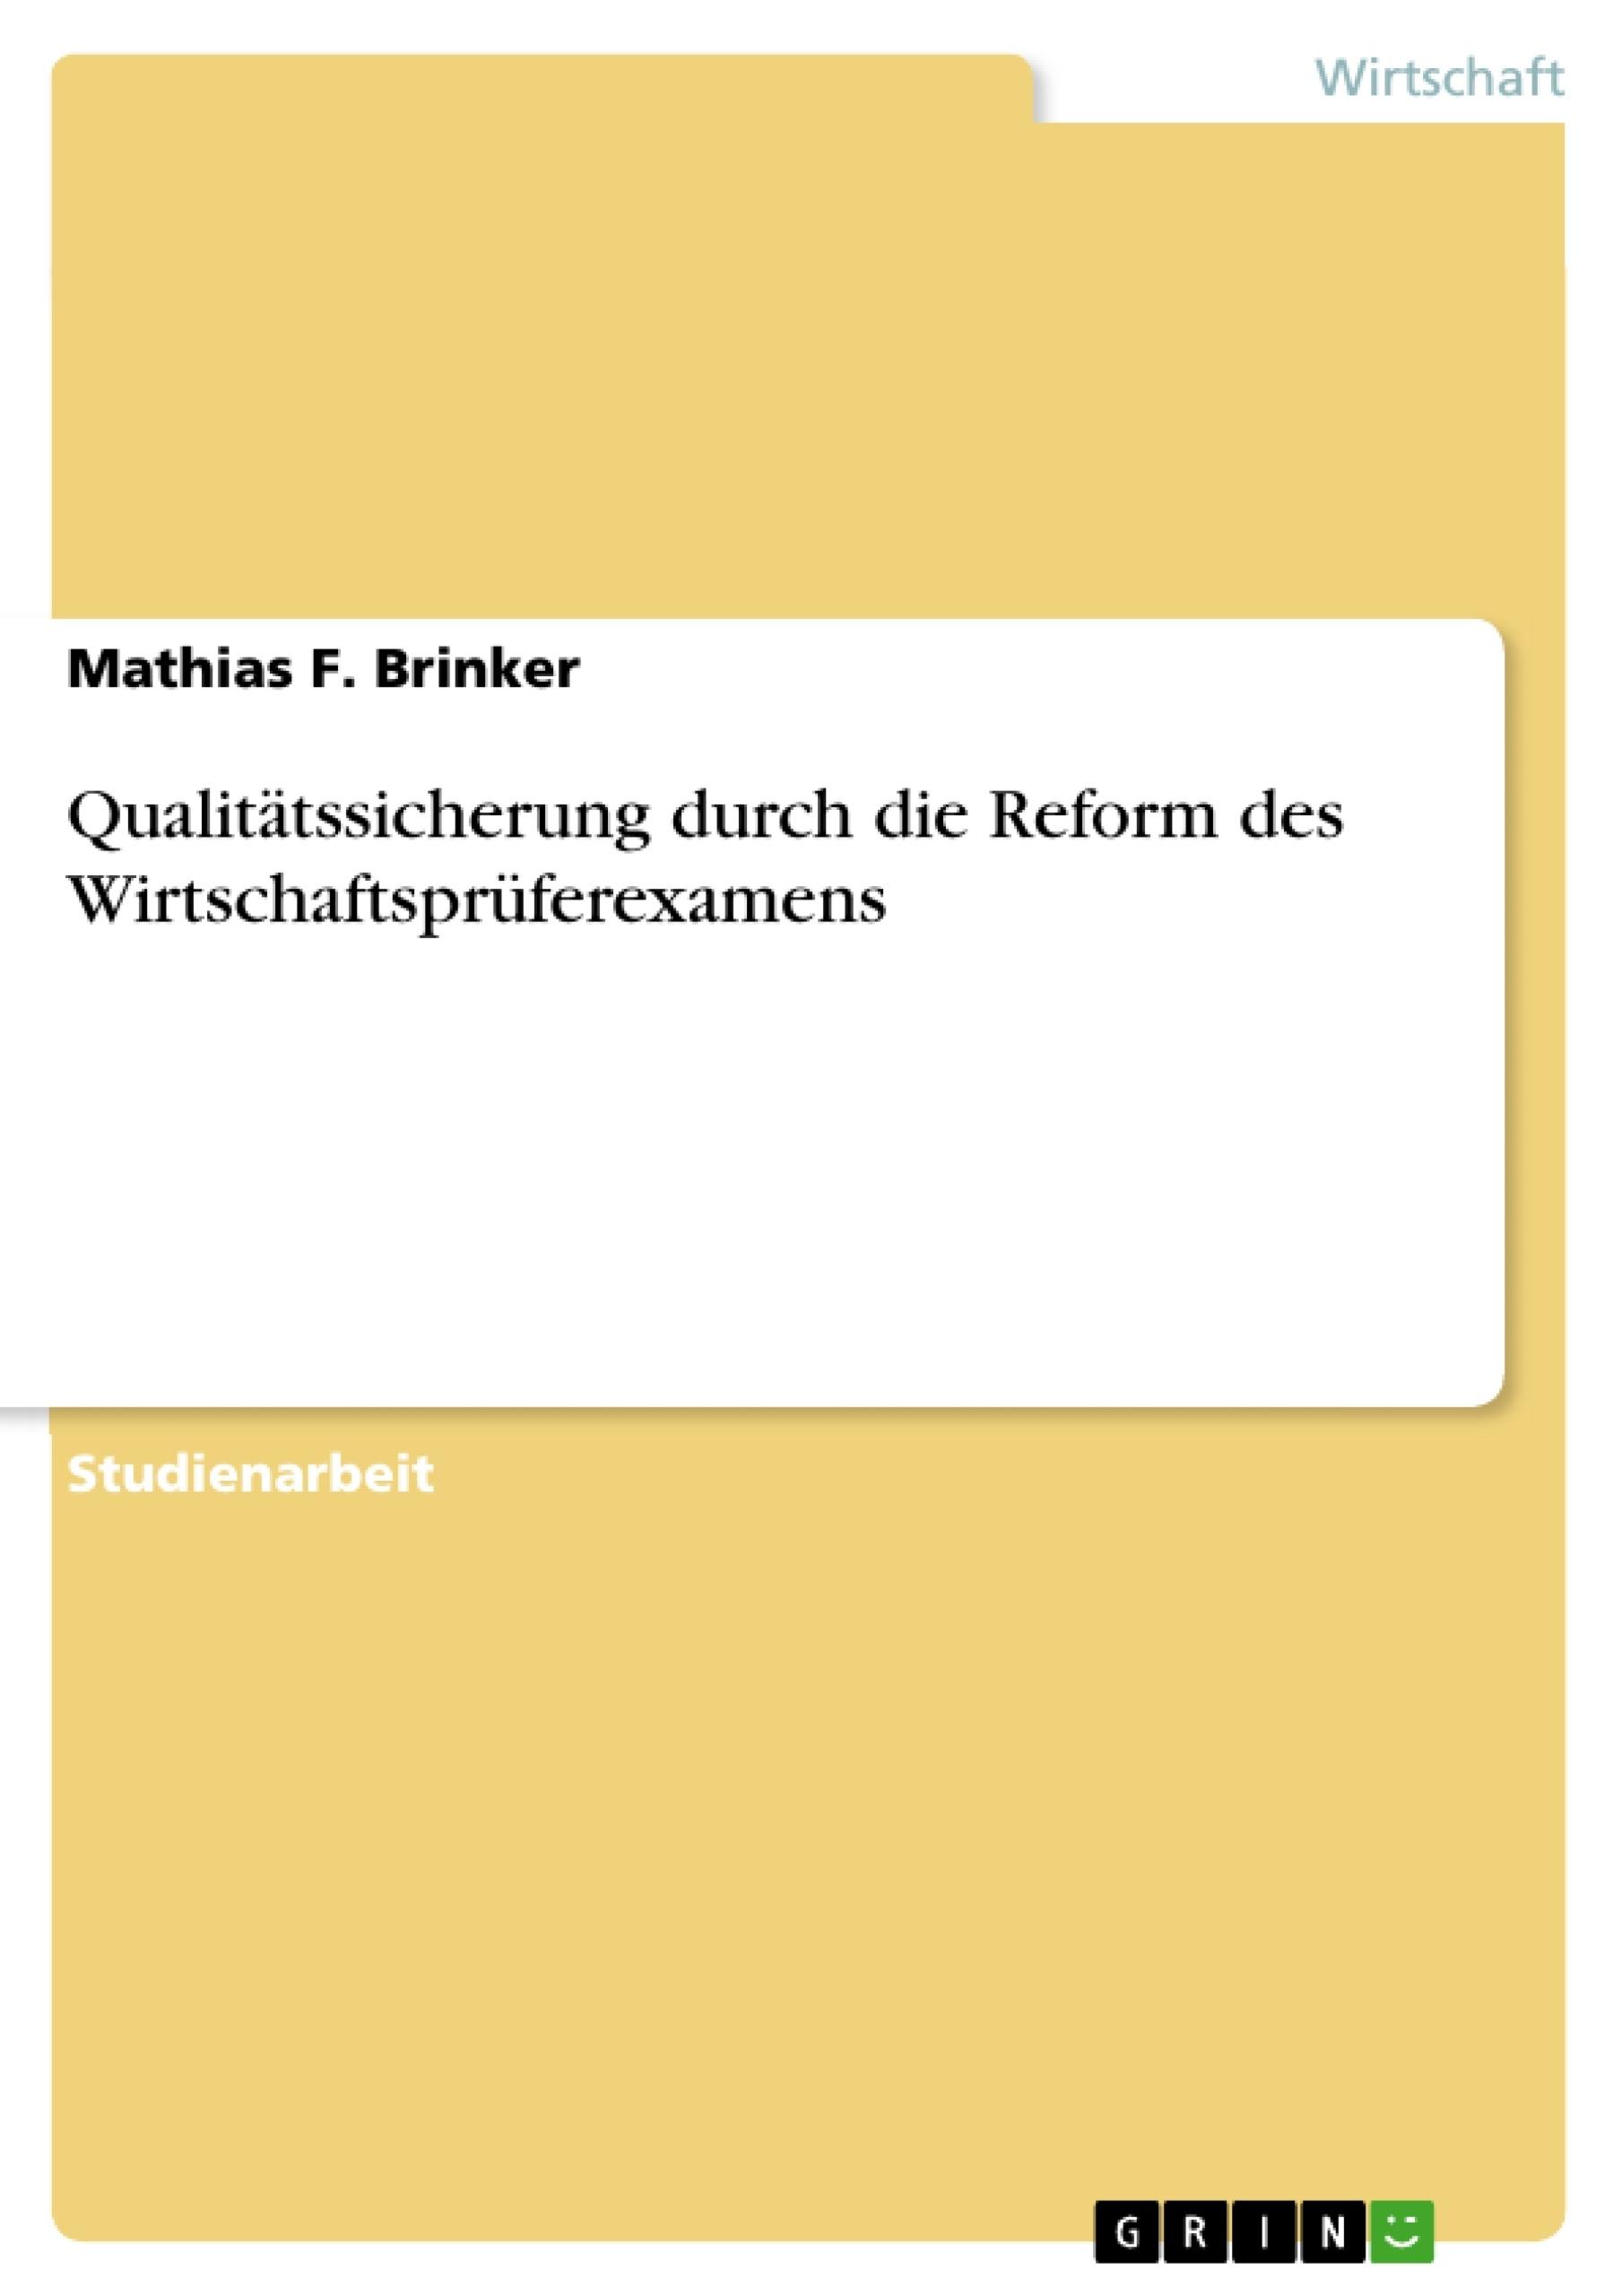 Titel: Qualitätssicherung durch die Reform des Wirtschaftsprüferexamens